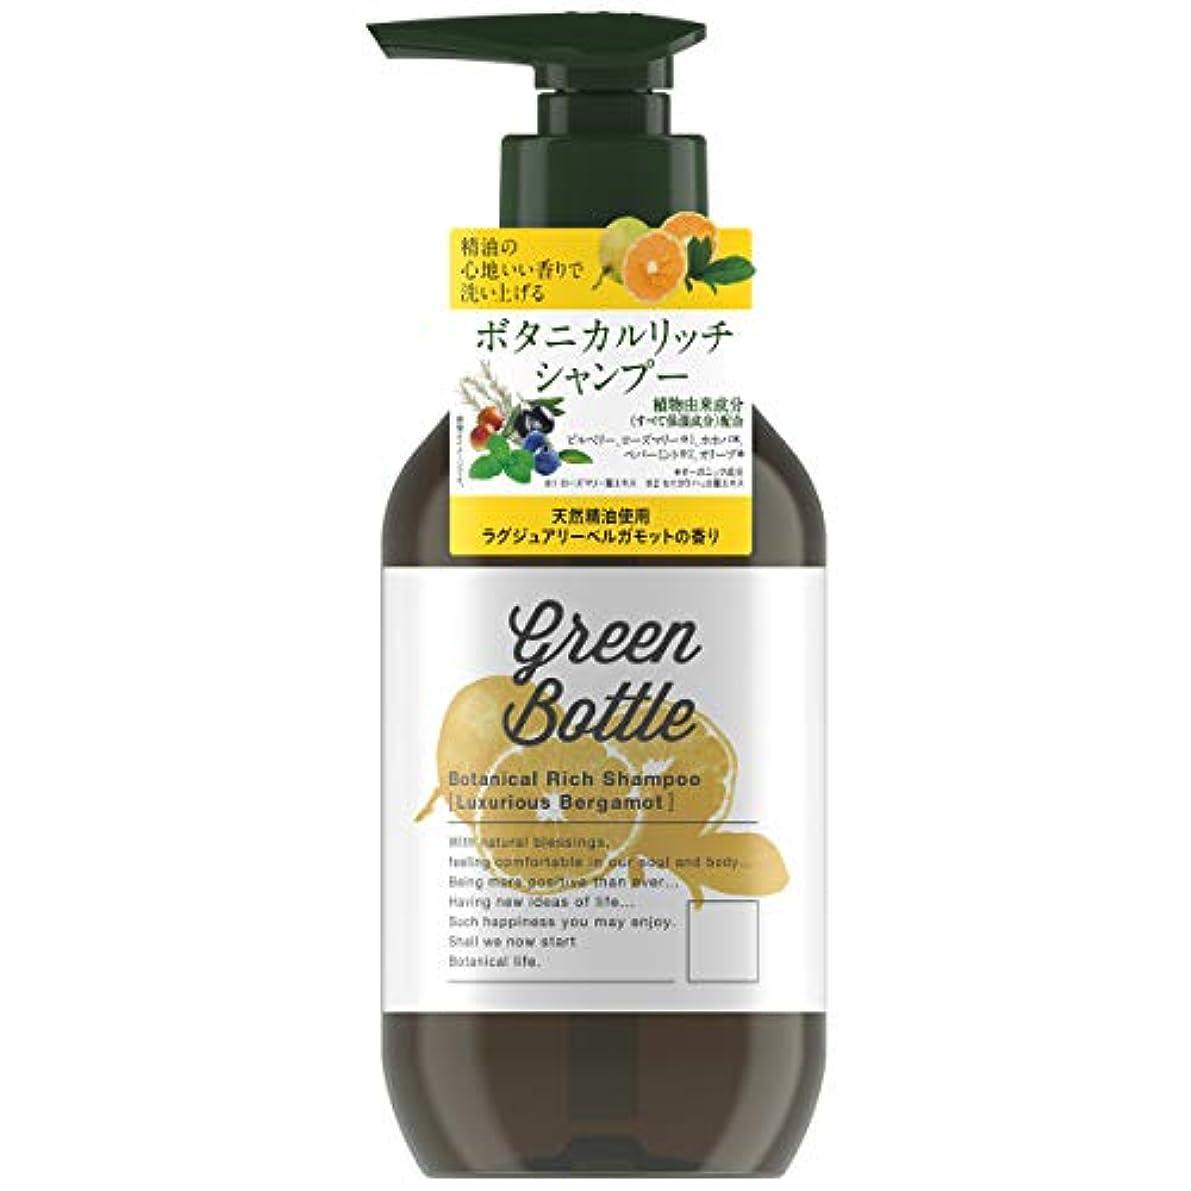 明確なメイエラ鼻グリーンボトルボタニカルリッチシャンプー(ラグジュアリーベルガモットの香り) 490ml